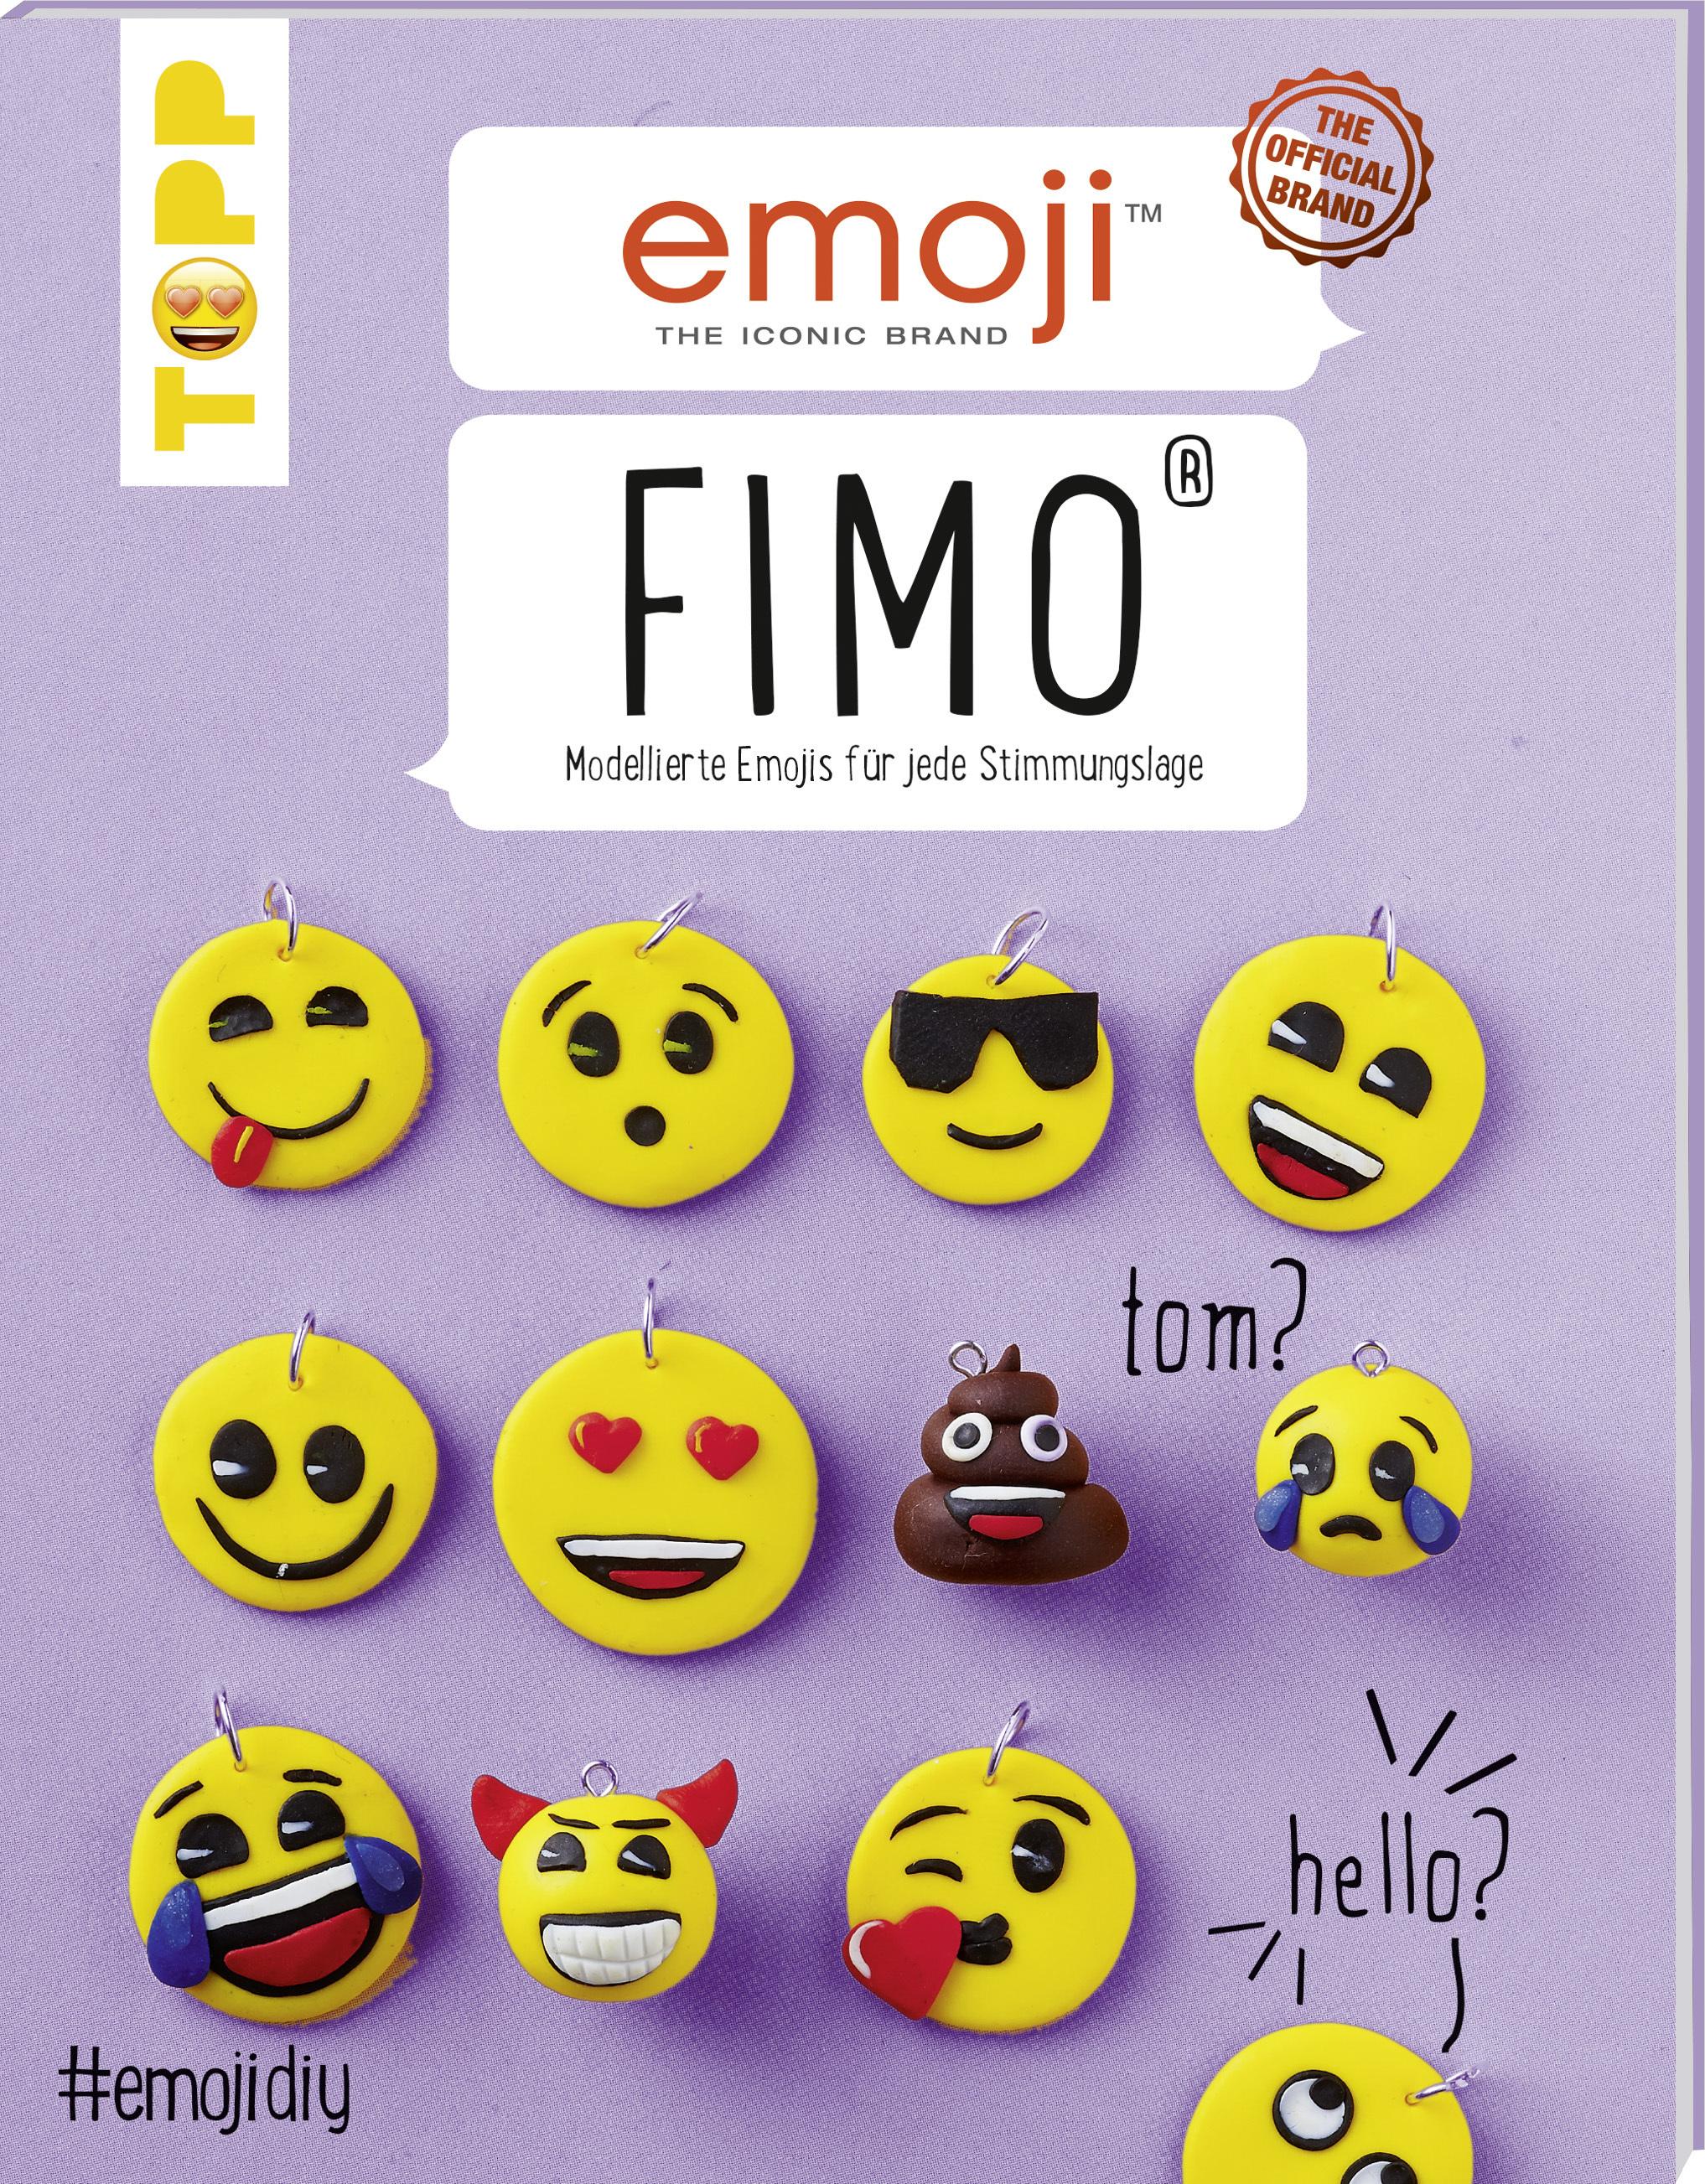 Emoji FIMO: Kette/Schmuck selber machen | Emoji Buch von TOPP